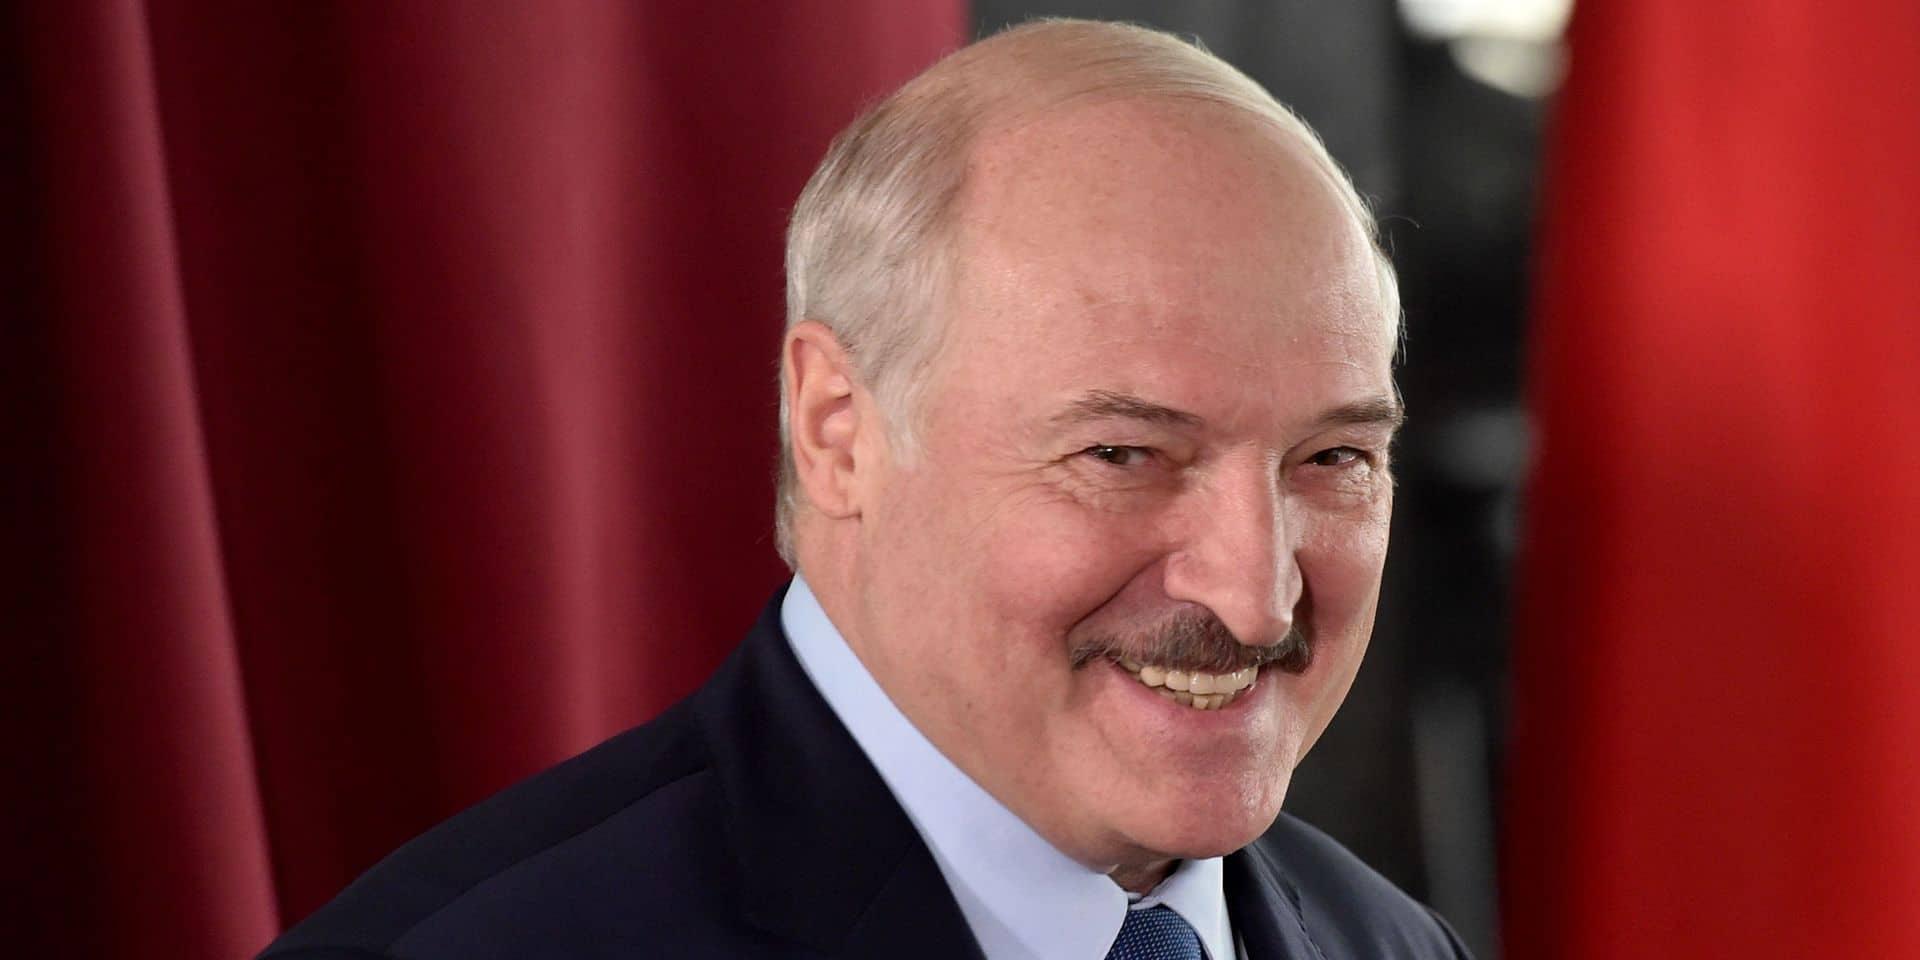 Biélorussie: Loukachenko aurait reçu 2% des votes lors du scrutin présidentiel, selon une agence de presse russe